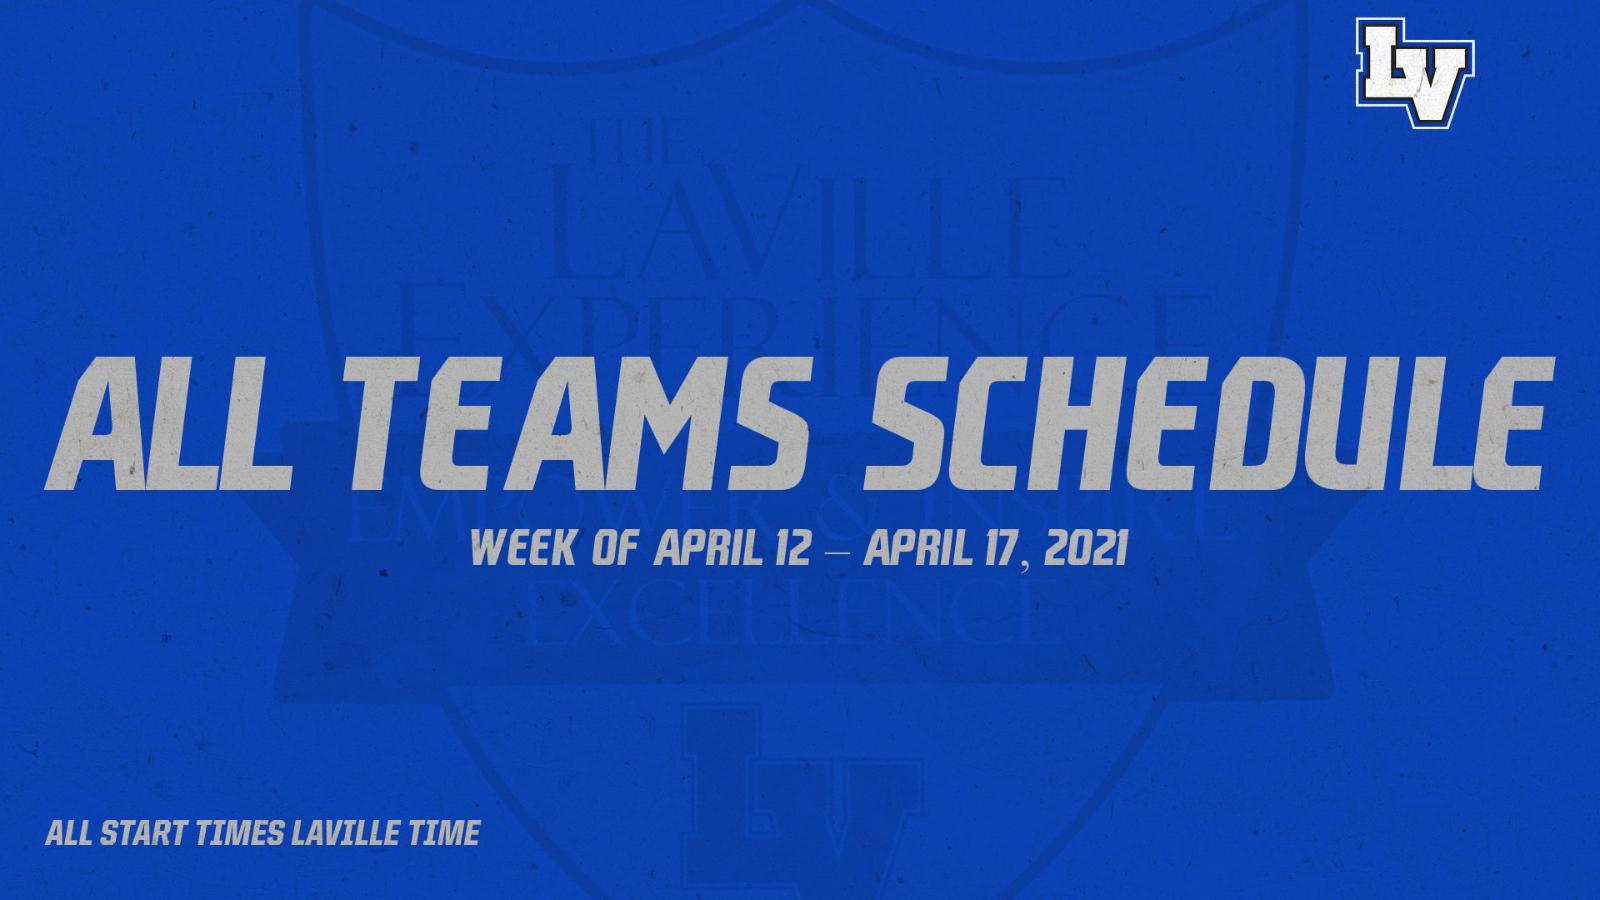 All Teams Schedule: Week of April 12 – April 17